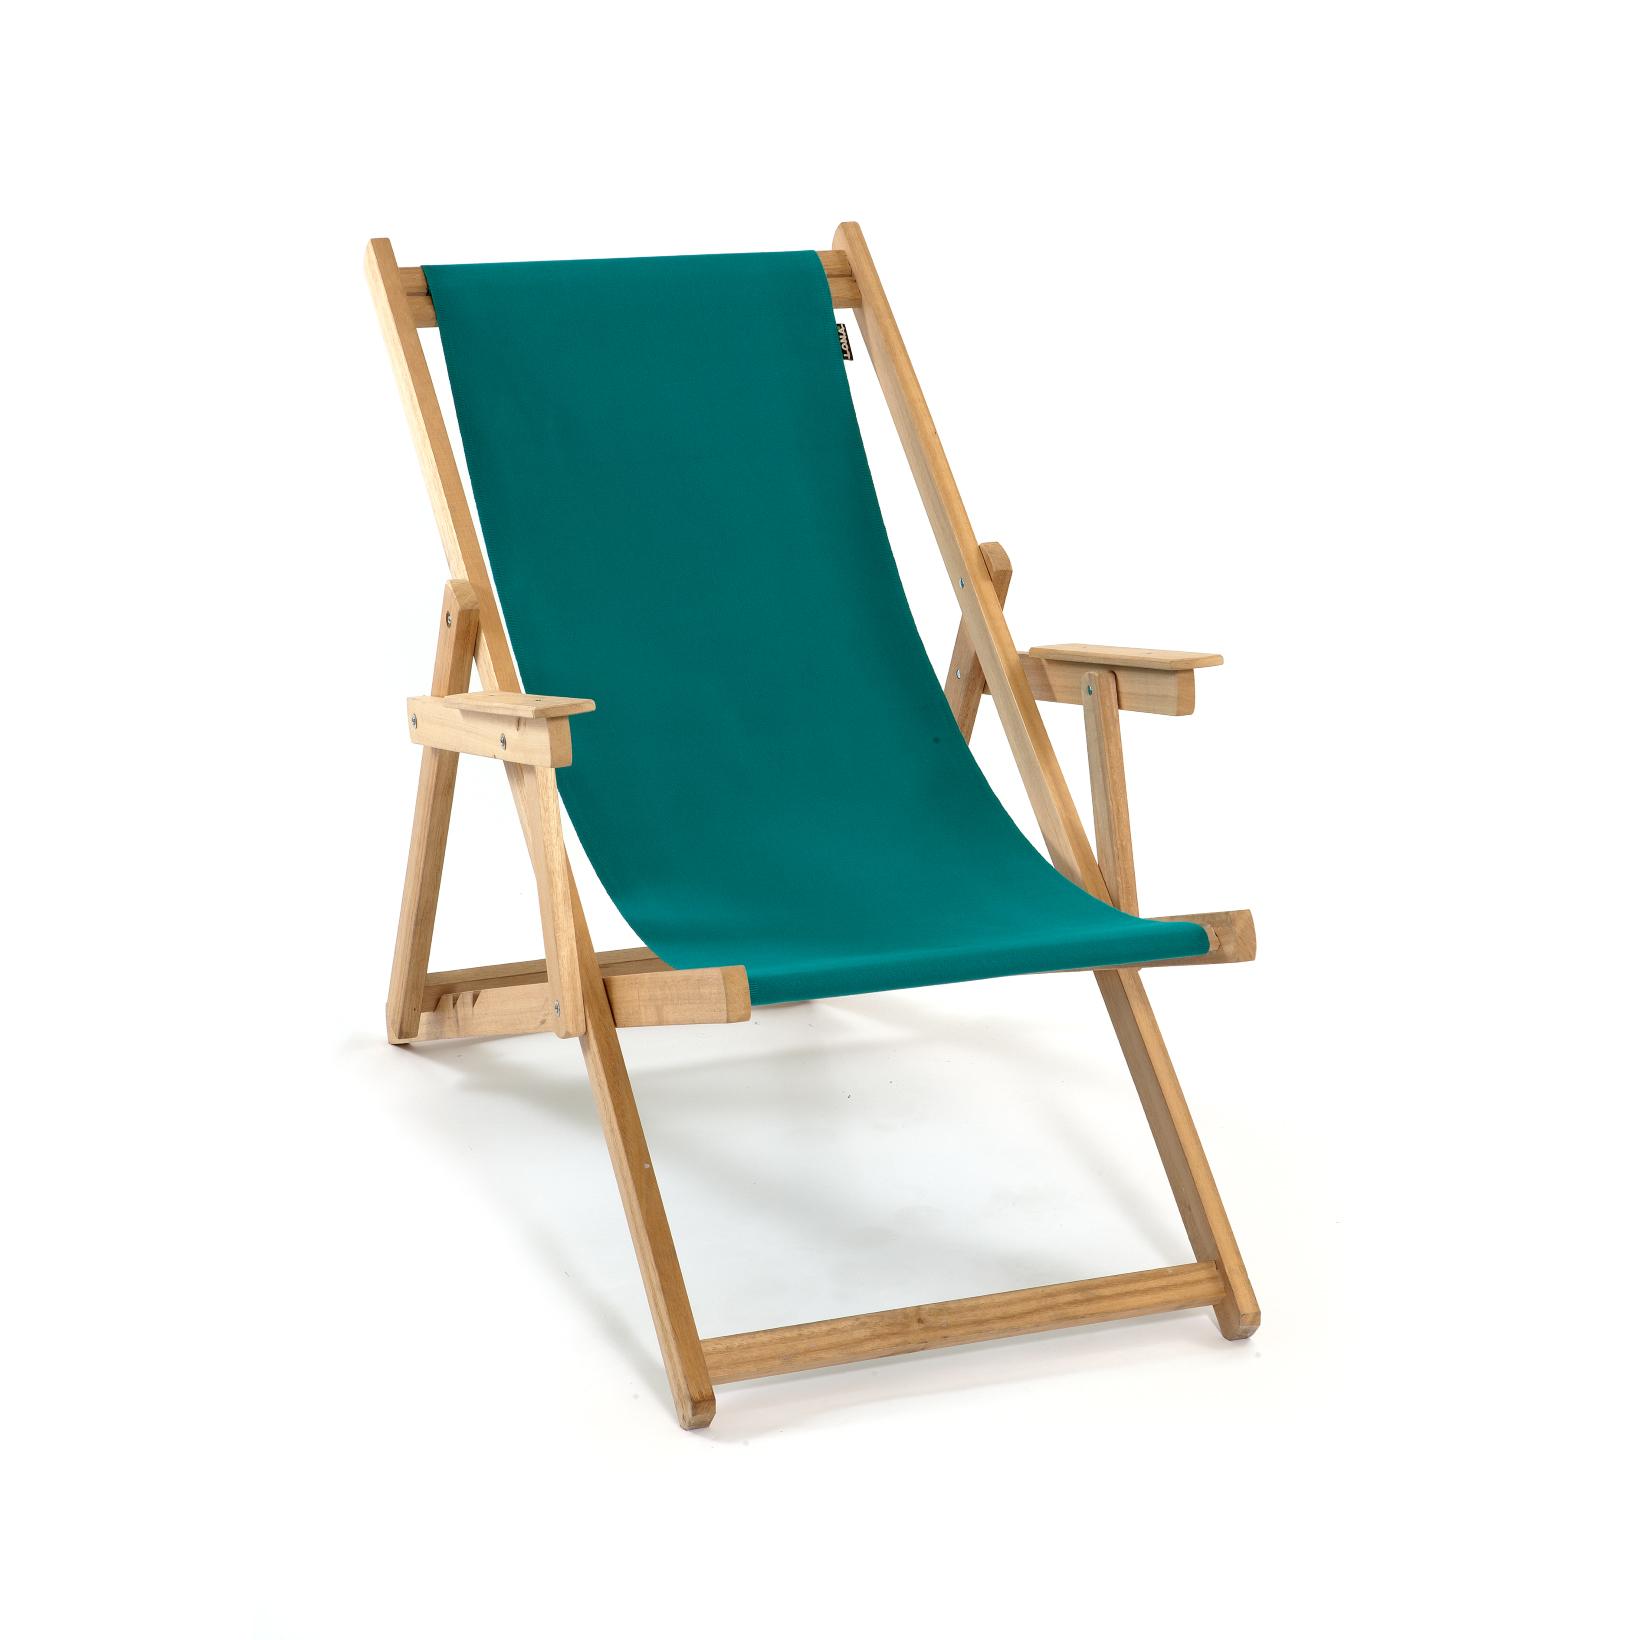 Cadeira de descanso da marca portuguesa Lona; madeira de eucalipto e  #006766 1640x1640